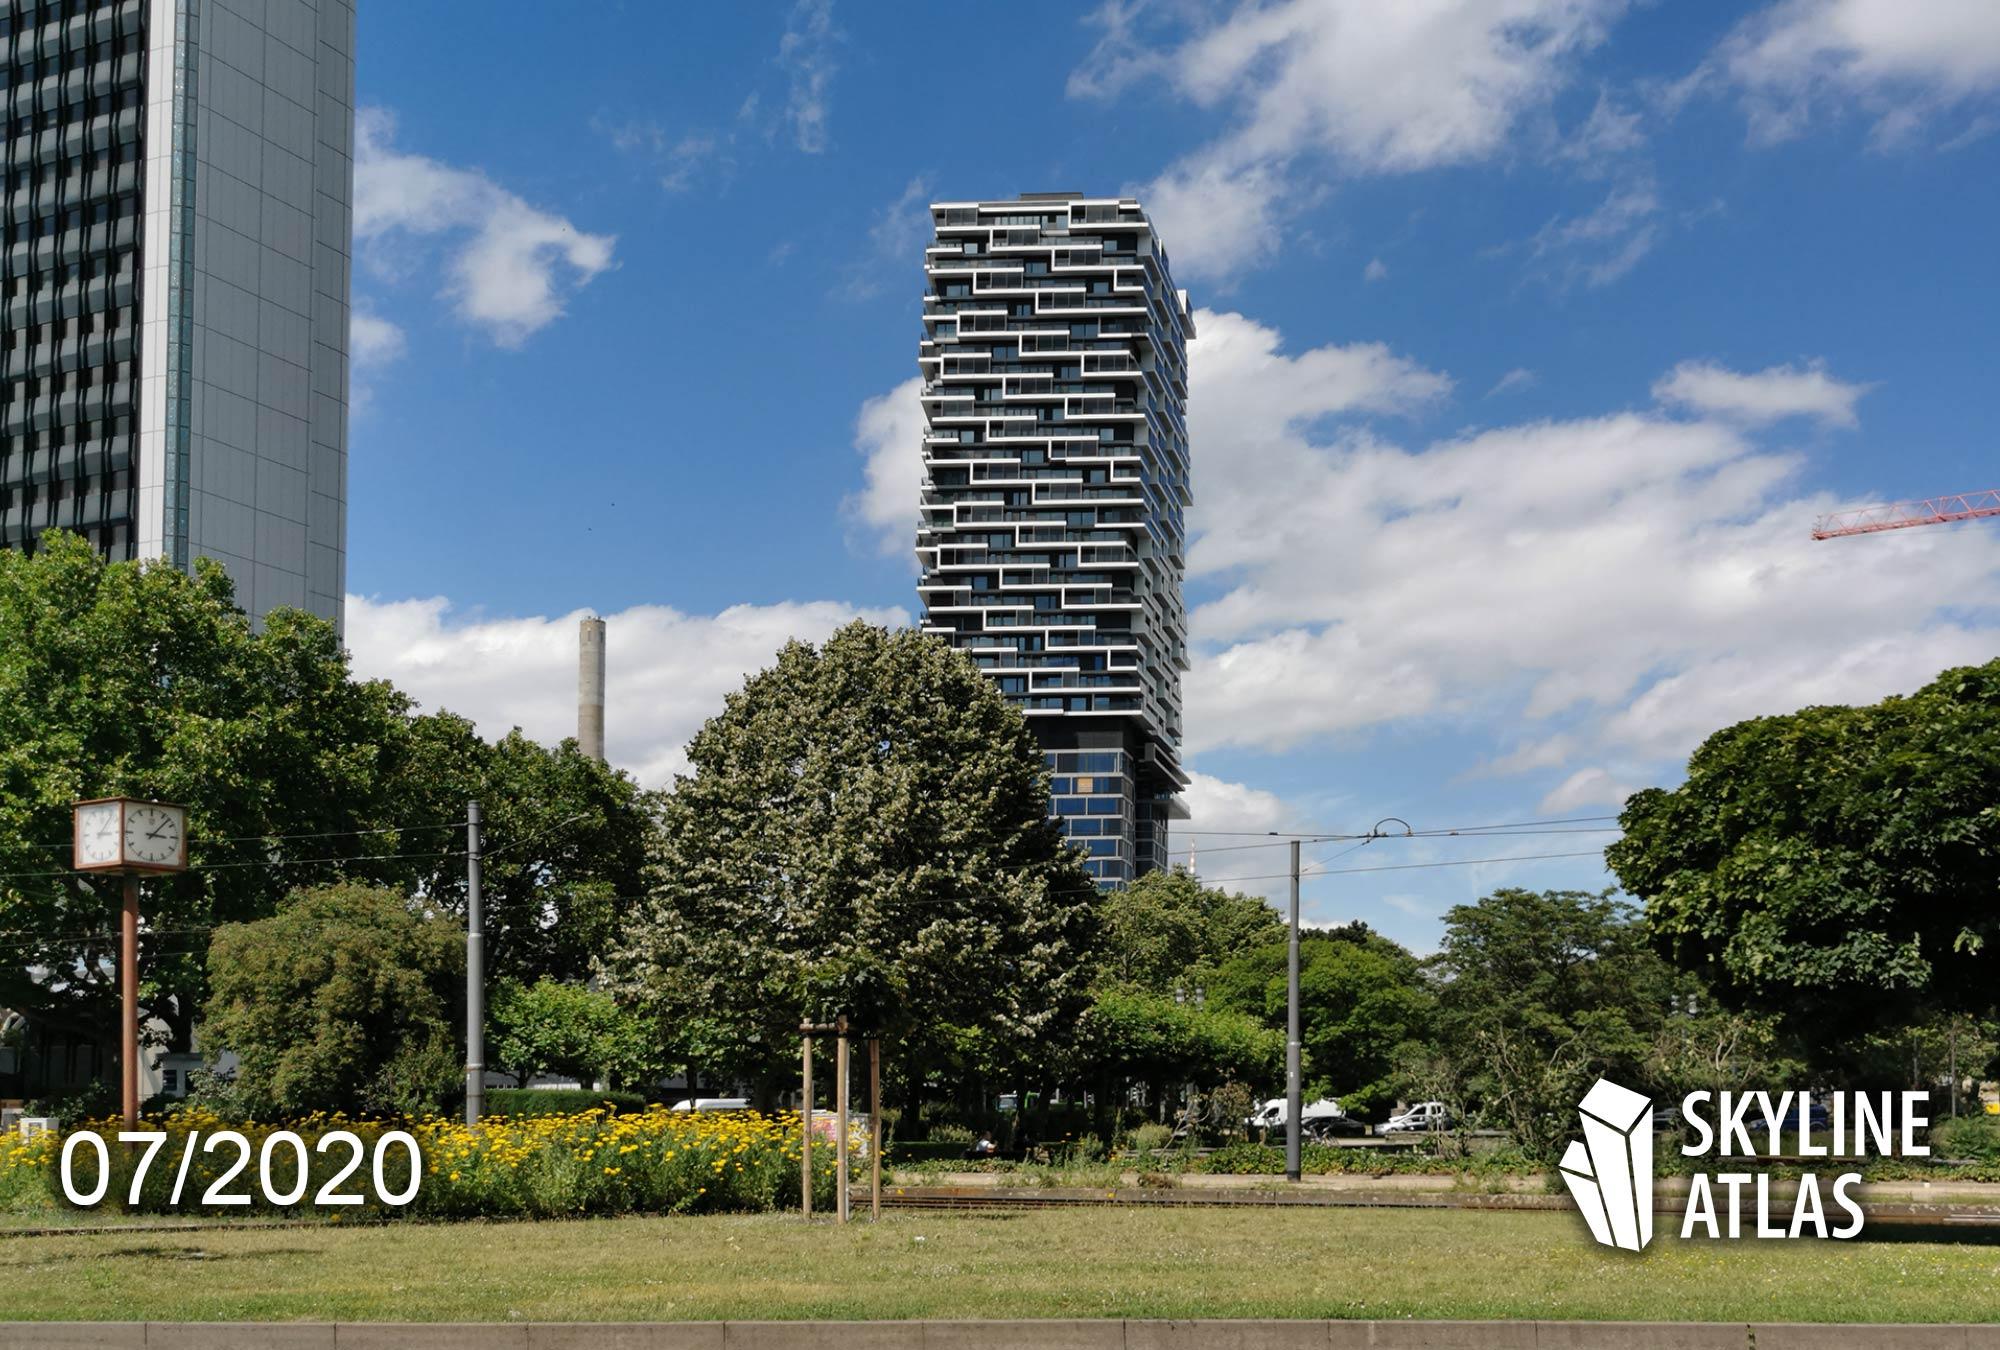 140W - ONE FORTY WEST - Neuer Wolkenkratzer Frankfurt - Apartmentturm - Wohnturm mit Hotel und Skybar - Sommer 2020 - cyrus moser - Groß und Partner - Commerz Real